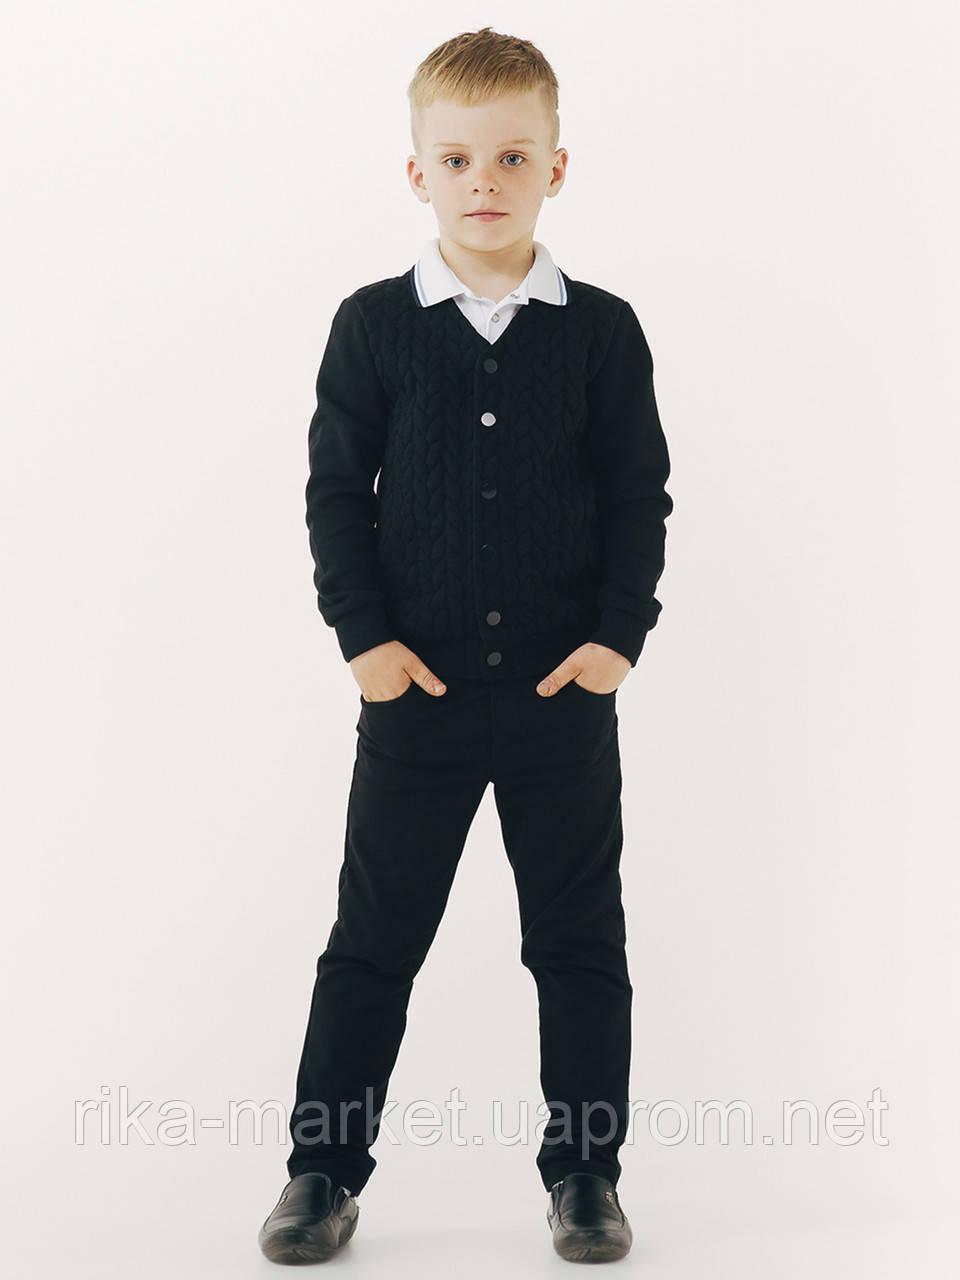 Школьный пиджак для мальчика, ТМ Смил, 116418, возраст 12 - 14 лет